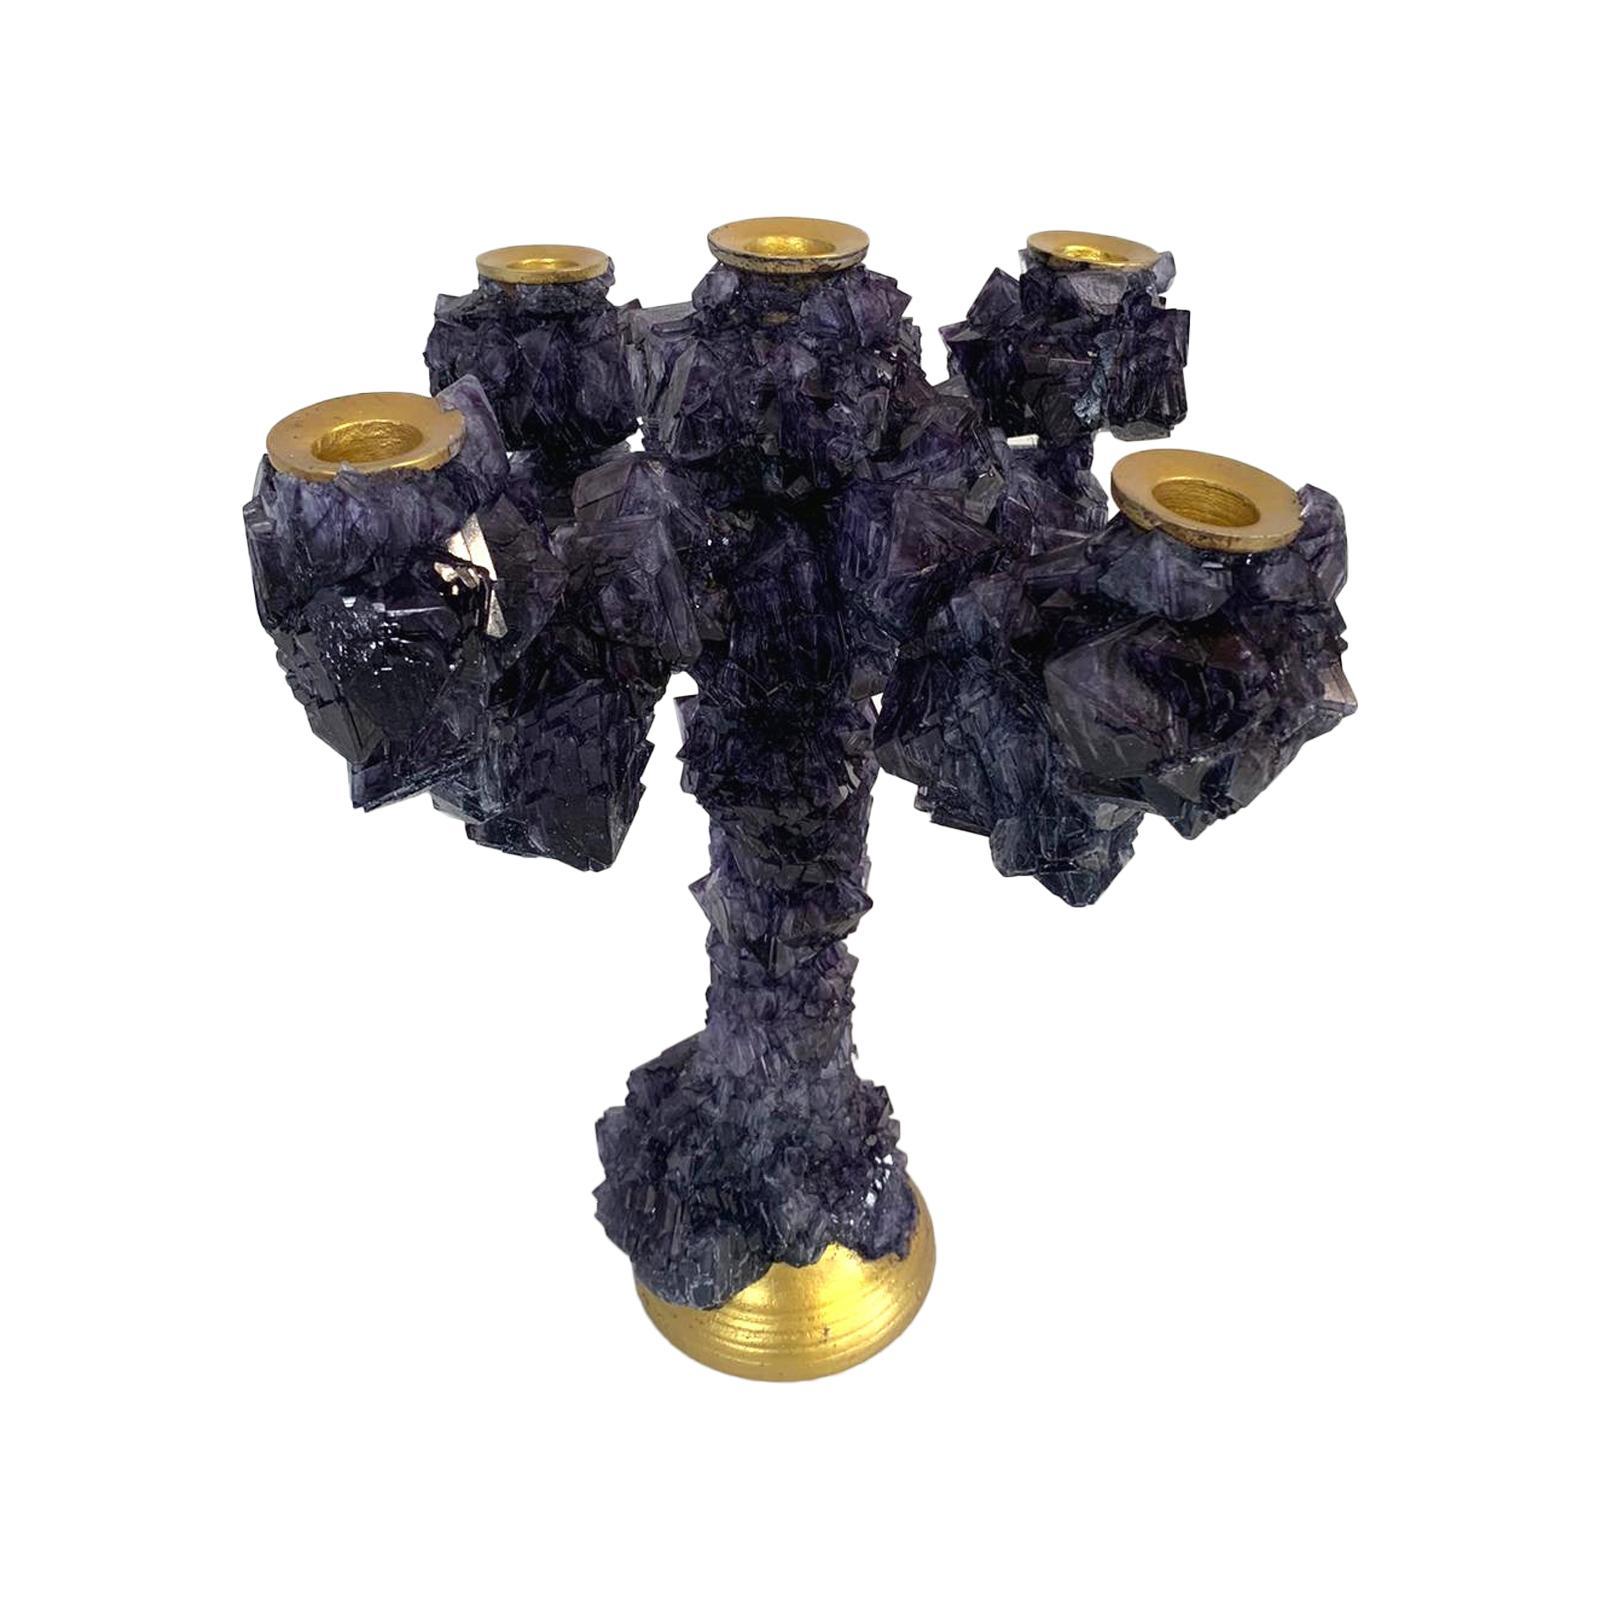 Dark Crystals Overgrown Candelabra, Mark Sturkenboom